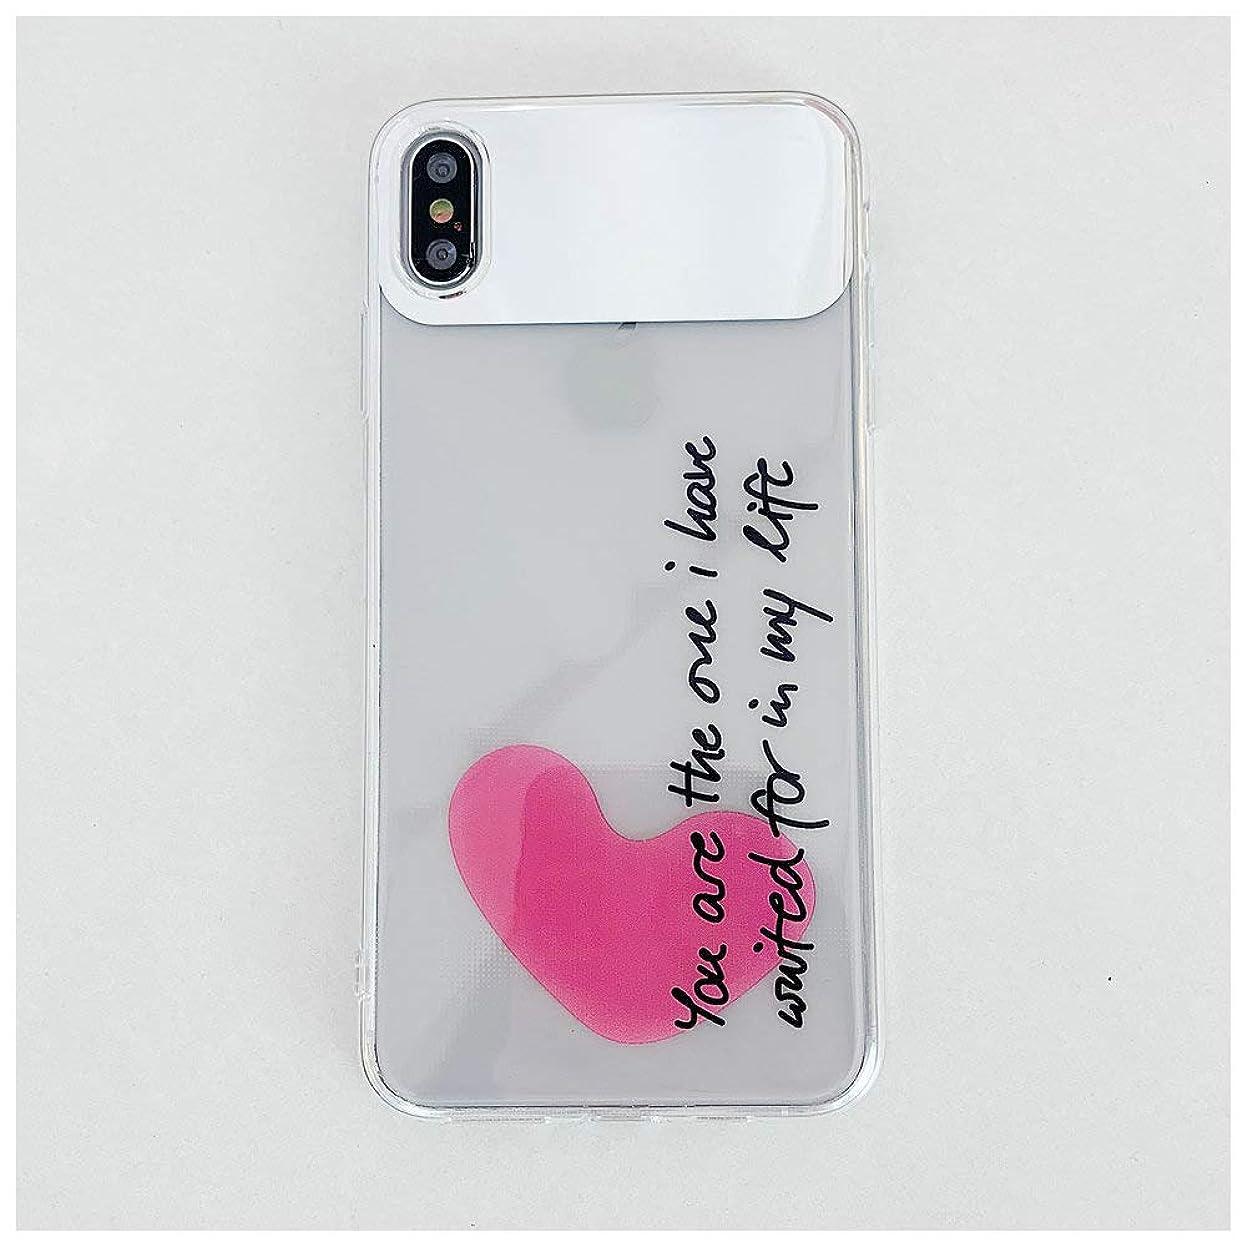 ふさわしい騒乱電池iPhone ケース レディース メンズ 携帯ケース iPhone7/8/7Plus/8Plus,iPhoneX/XR,iPhoneXS/XS MAX (iPhone X ケース)